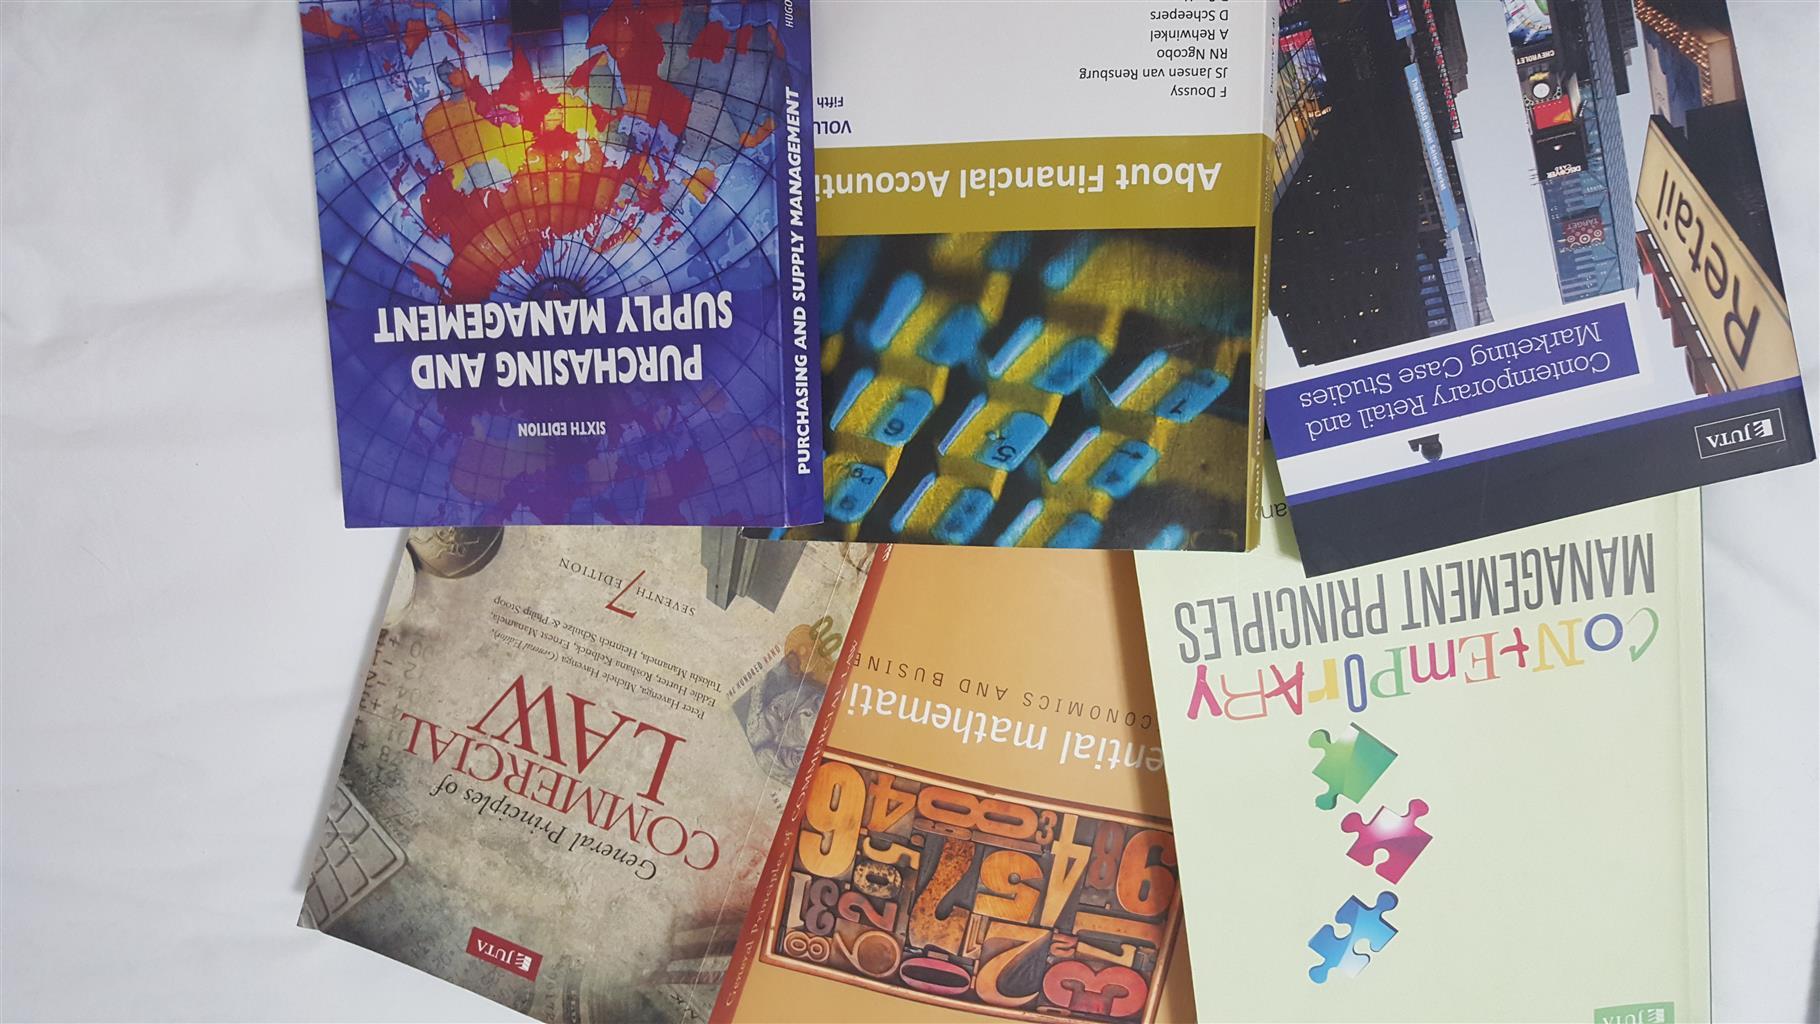 UNISA BCom degree books for sale